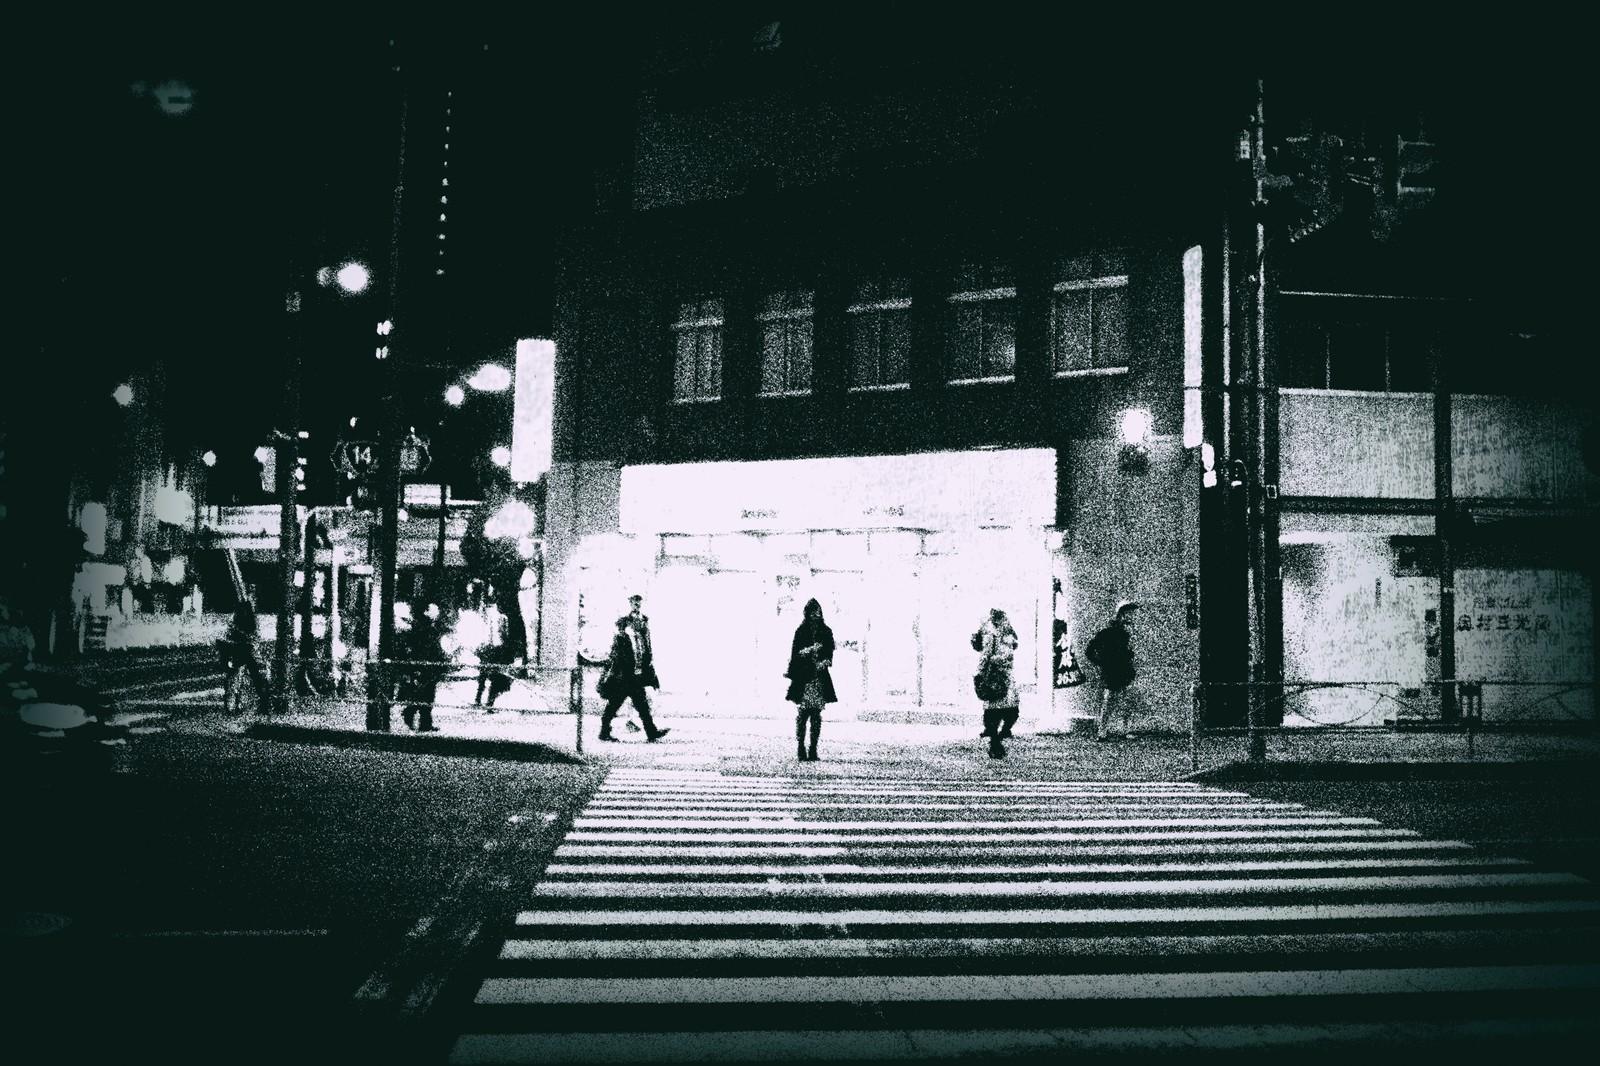 京都室内遊び場南座